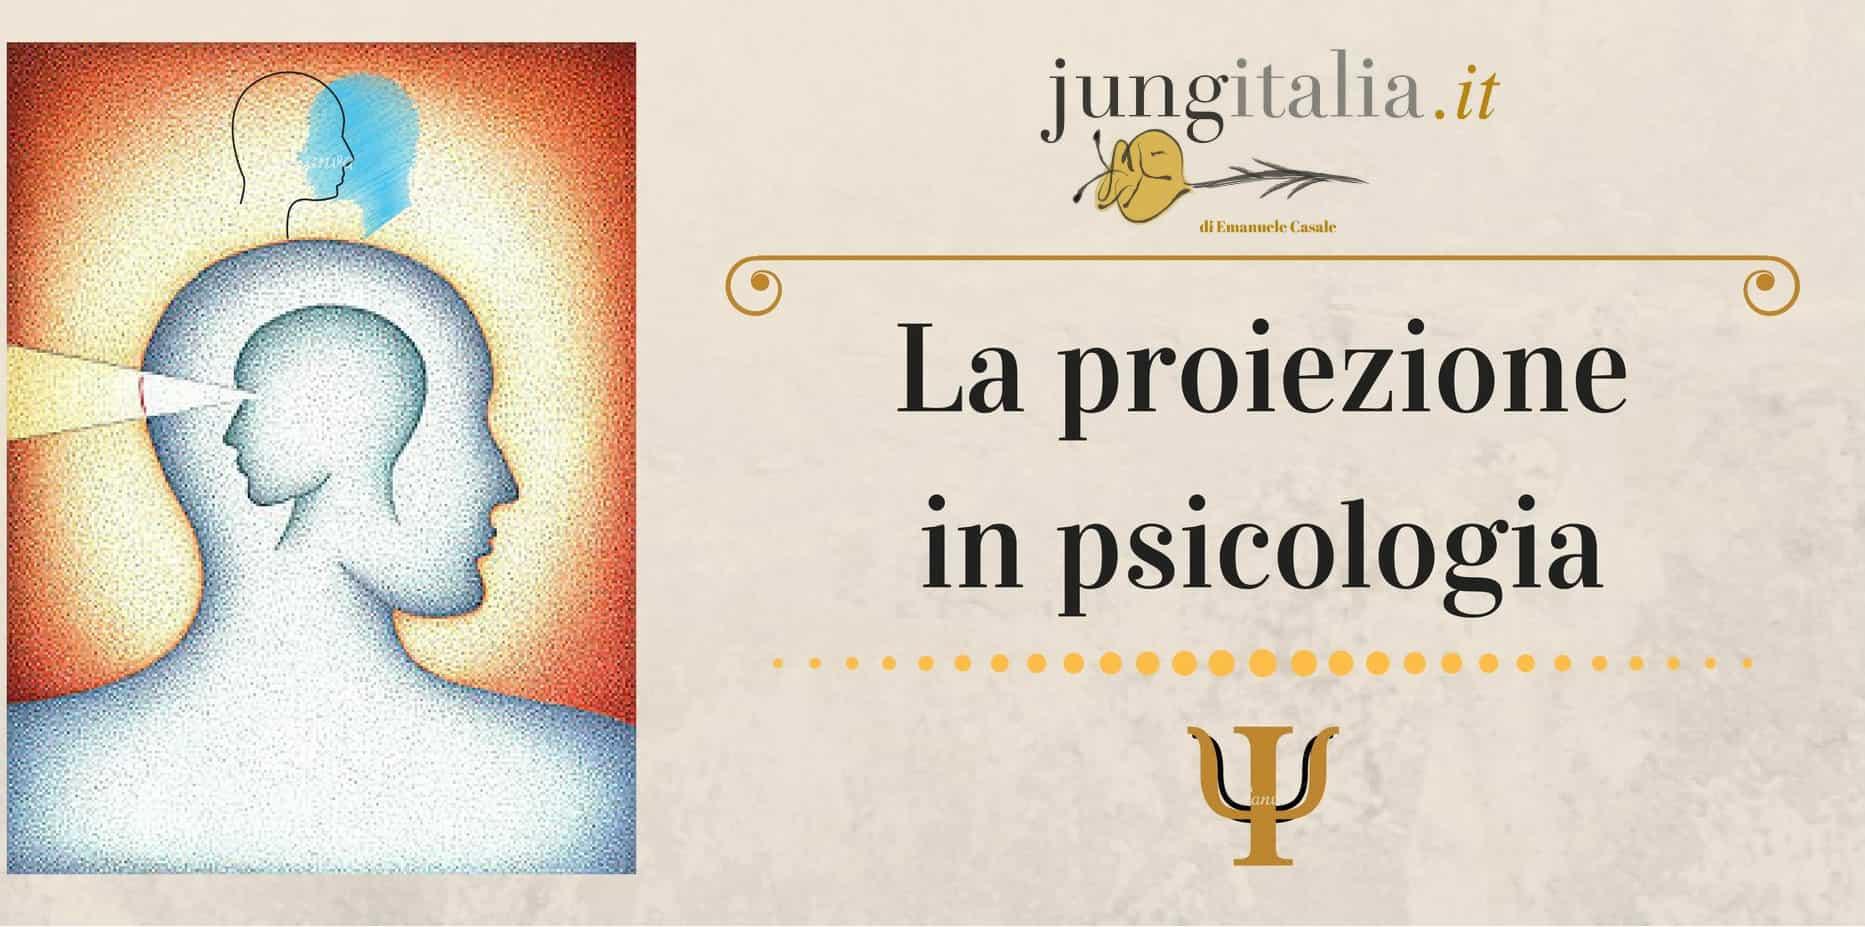 La proiezione in psicologia